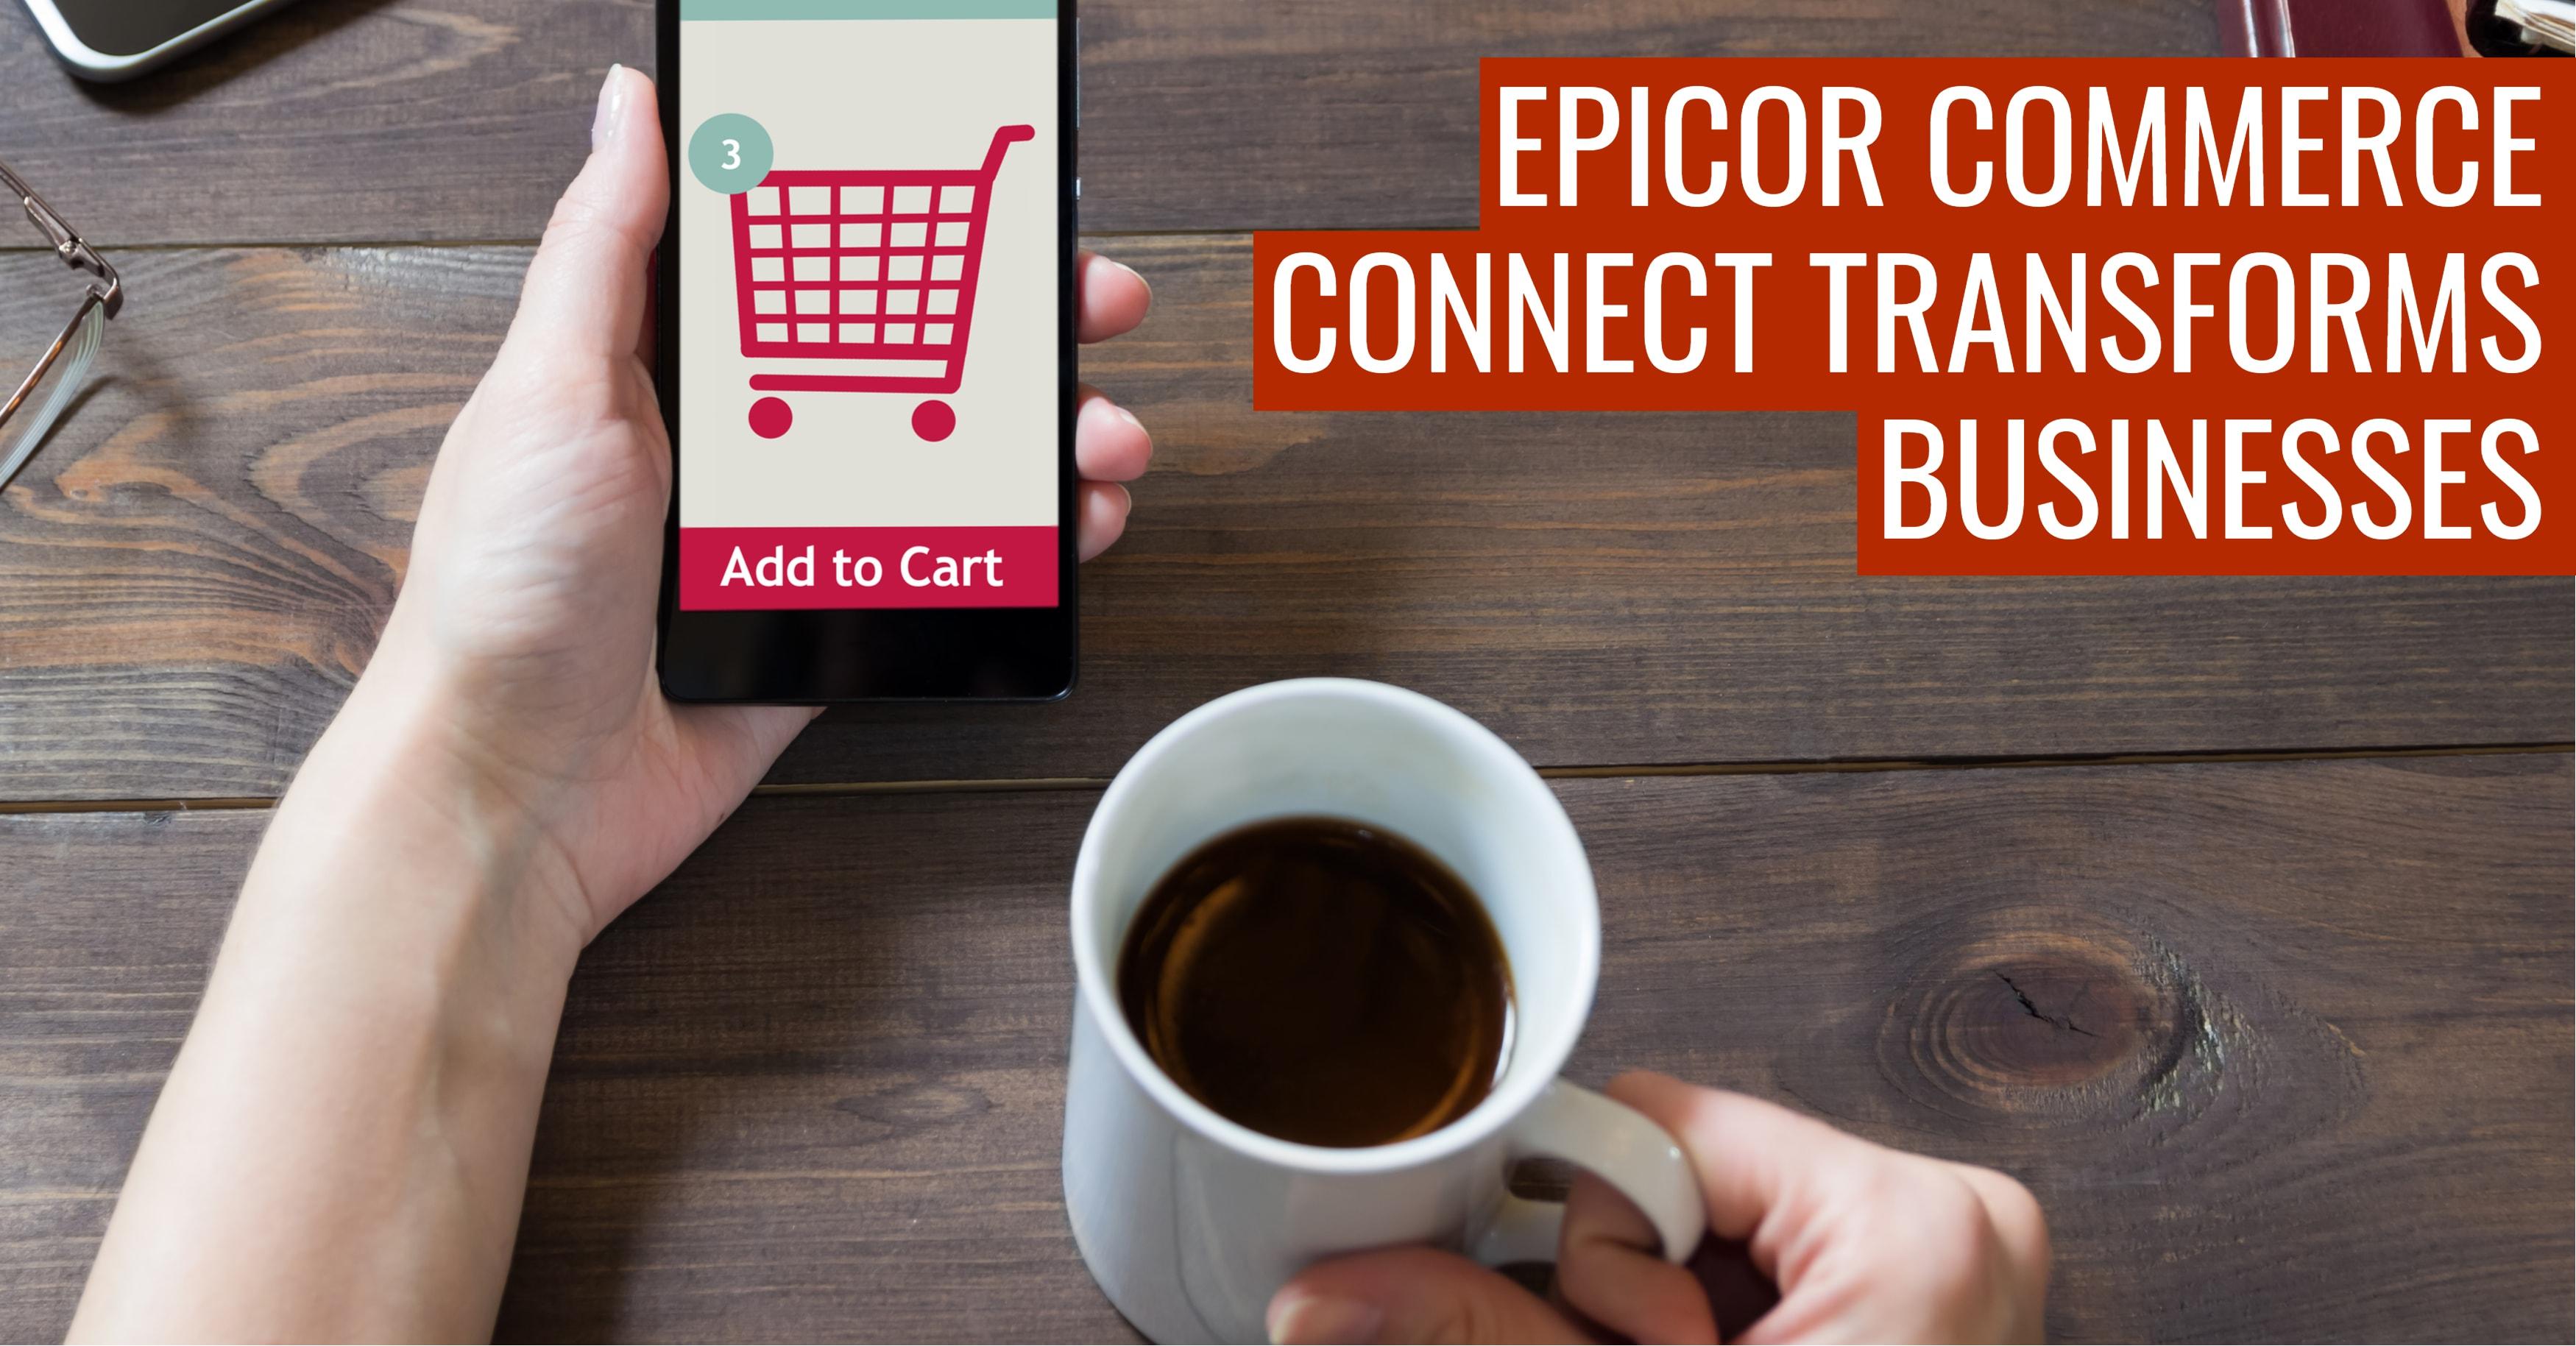 Epicor Commerce Connect